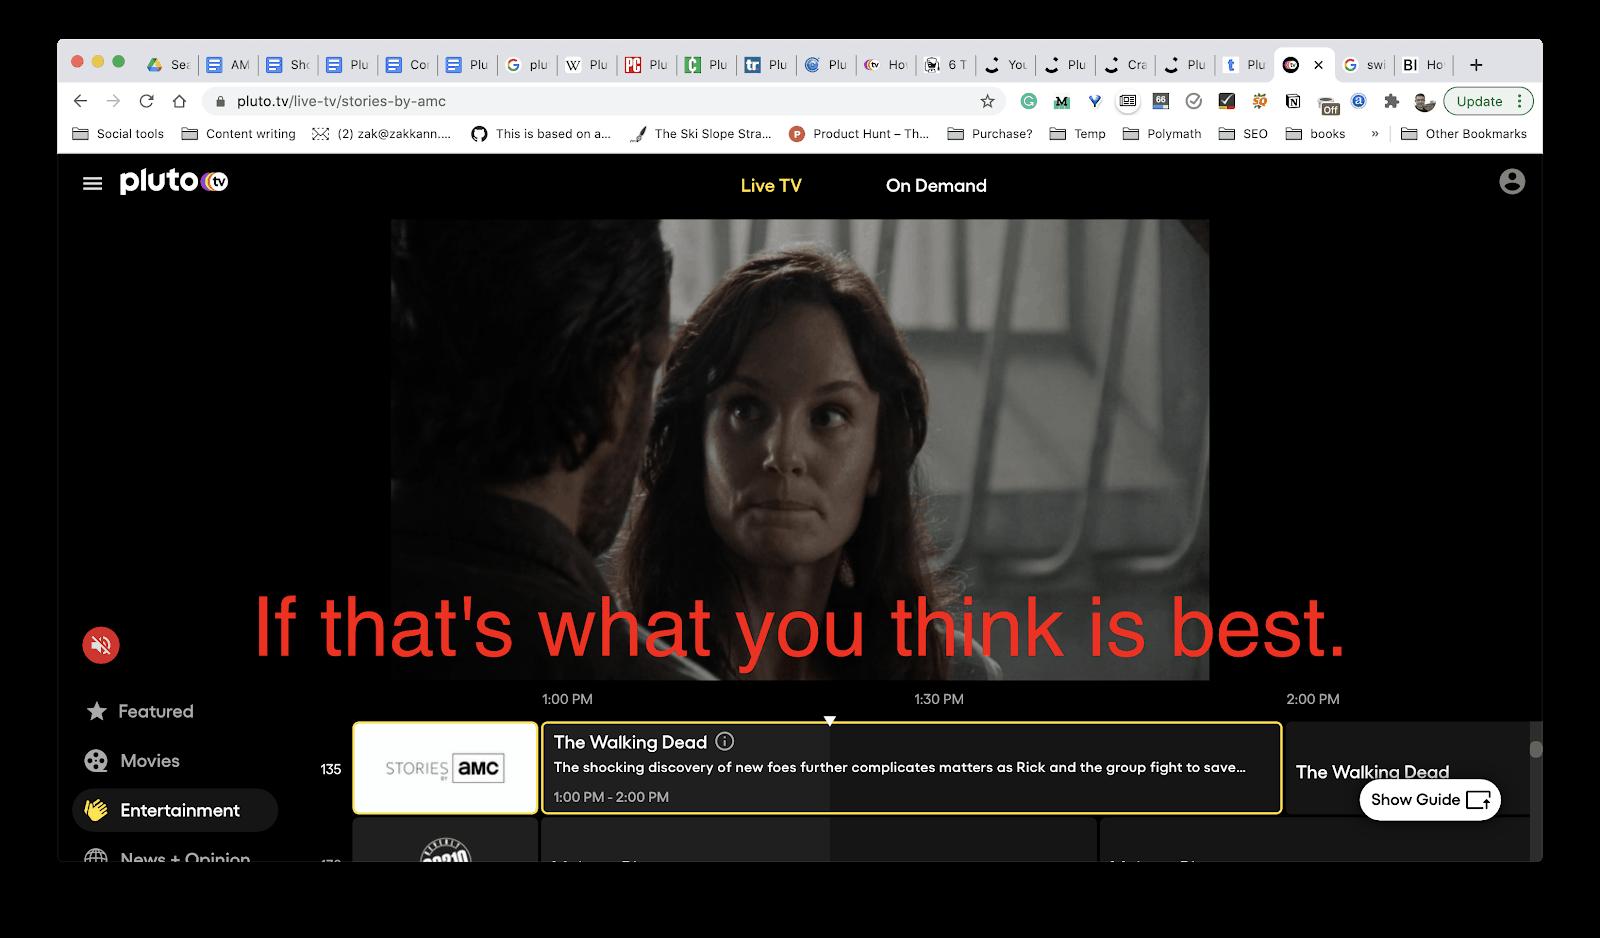 Pluto TV closed captioning